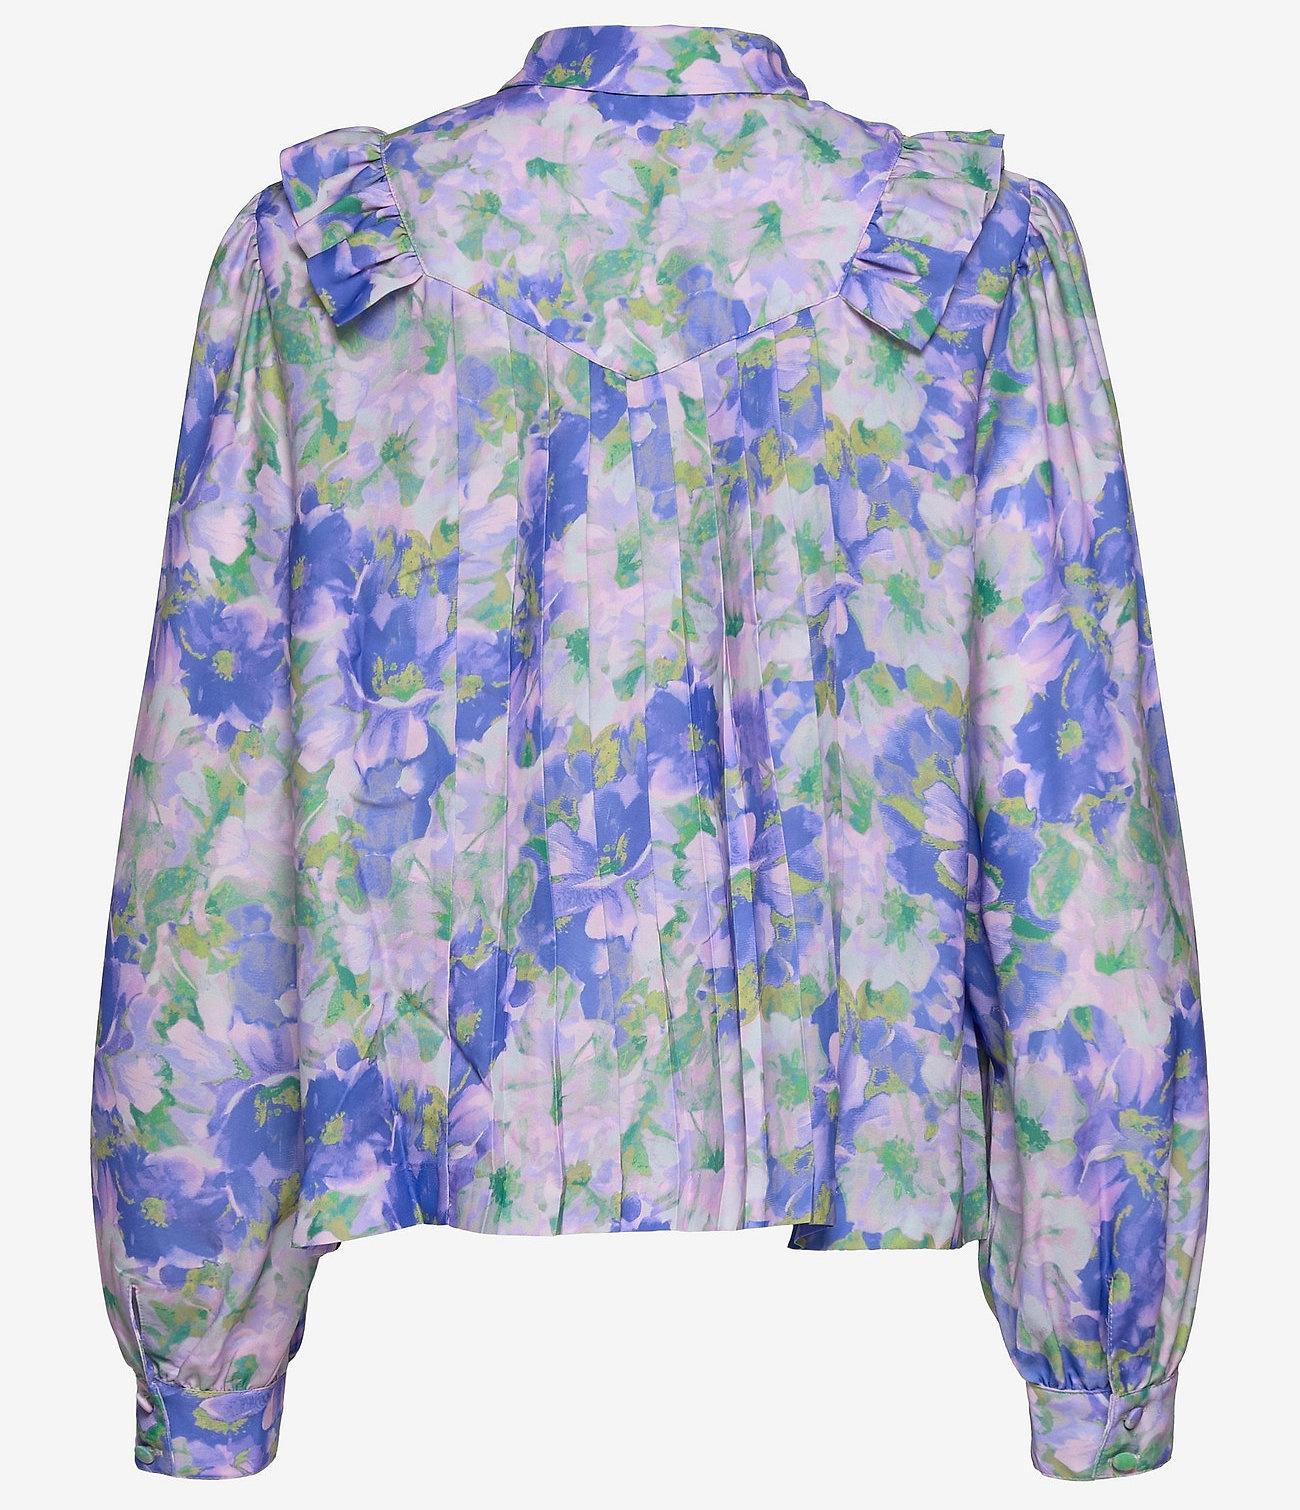 Mads Nørgaard Dames blouse, multi